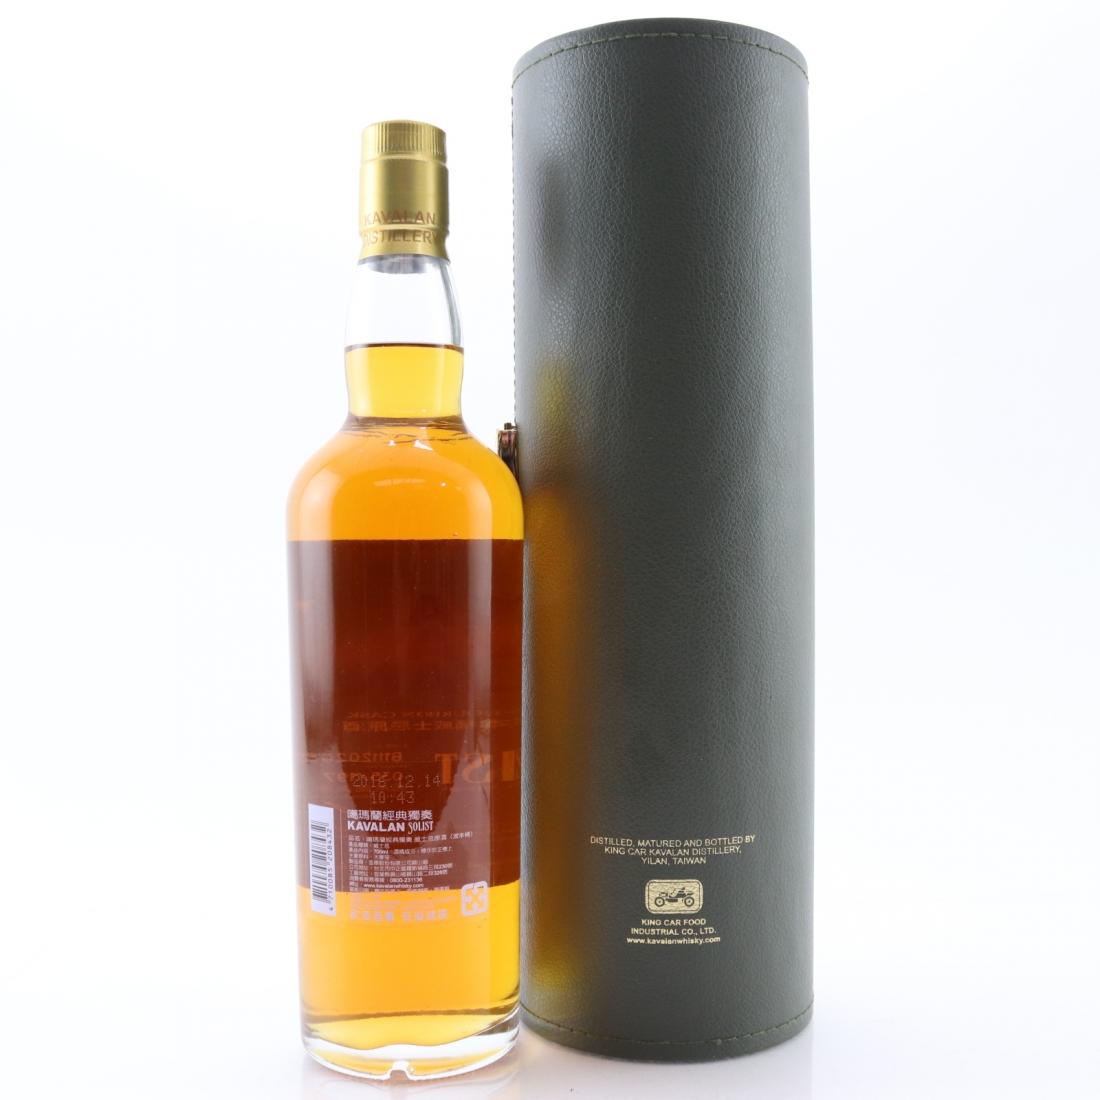 Kavalan Solist Cask Strength Bourbon Cask / 57.8%